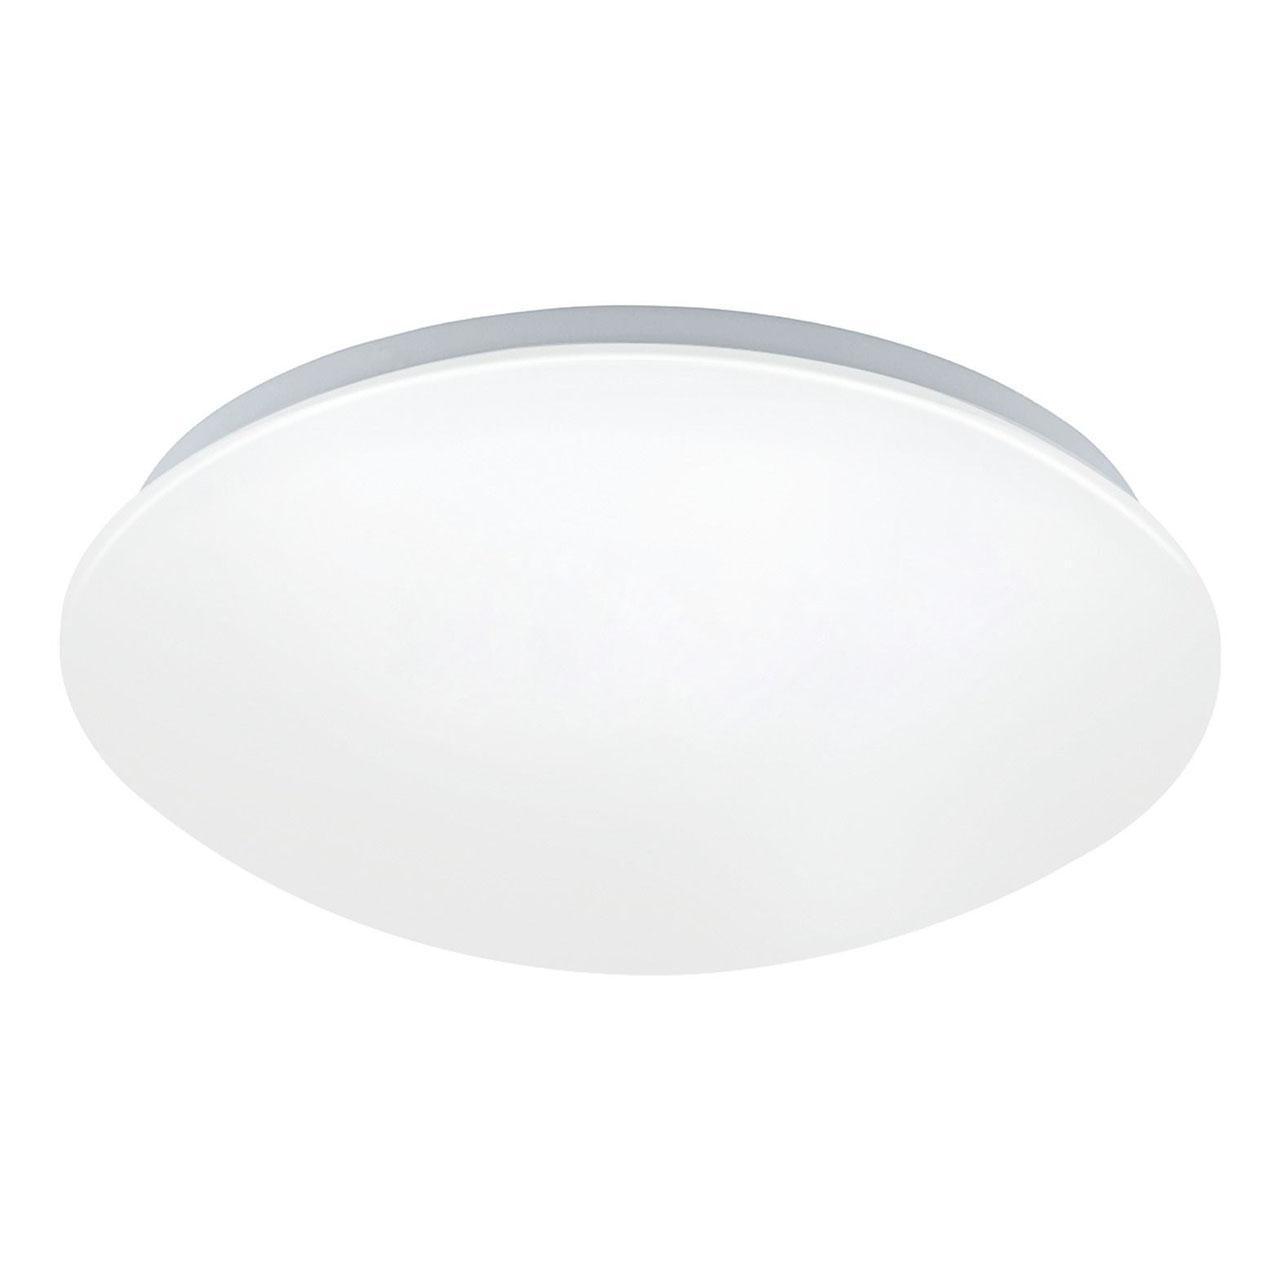 Потолочный светильник Eglo 97102, белый eglo 91342